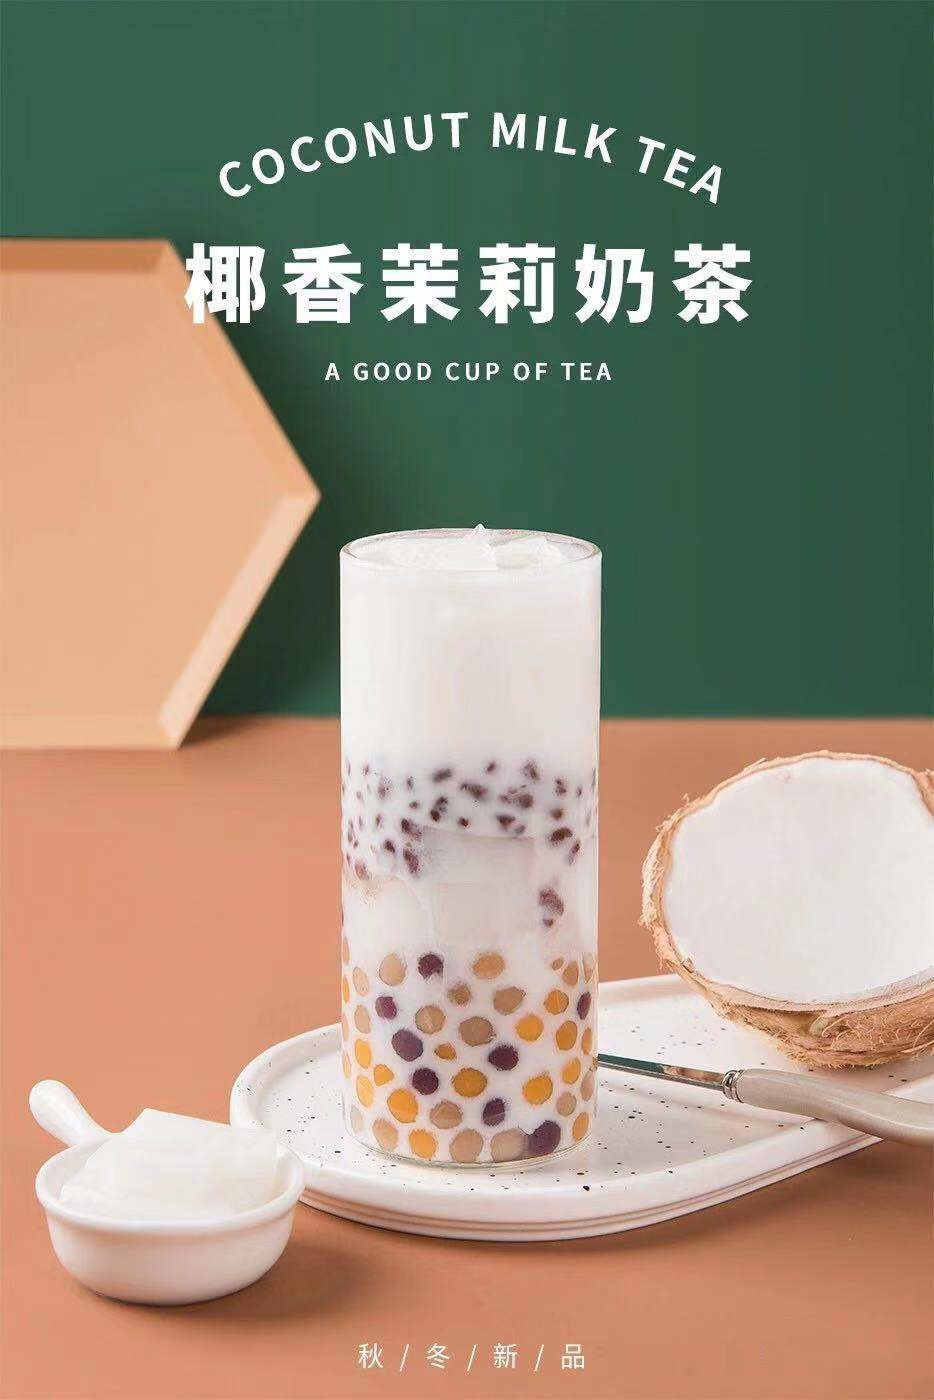 秋冬奶茶新搭配,椰香茉莉奶茶,香浓不腻冷热皆宜